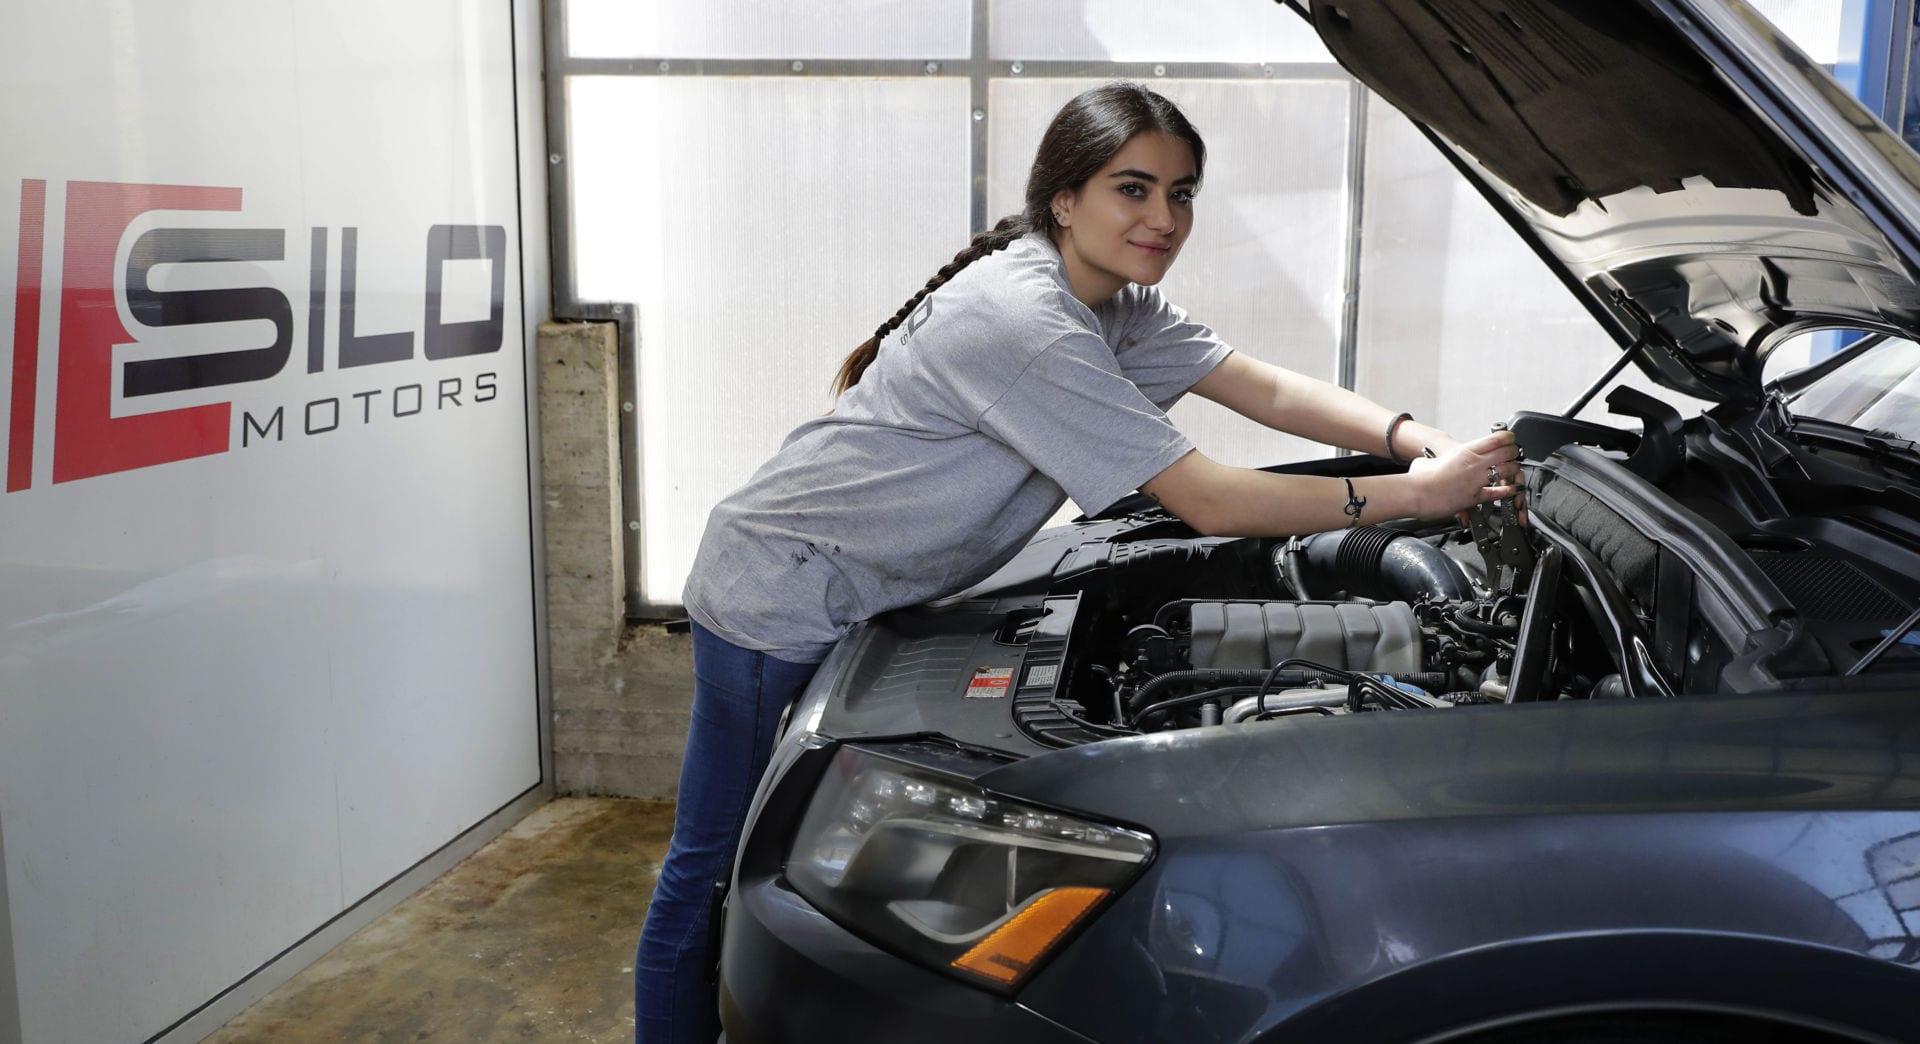 Thợ sửa xe nữ hiếm hoi, xinh đẹp gây chú ý ở đất nước Lebanon - 1